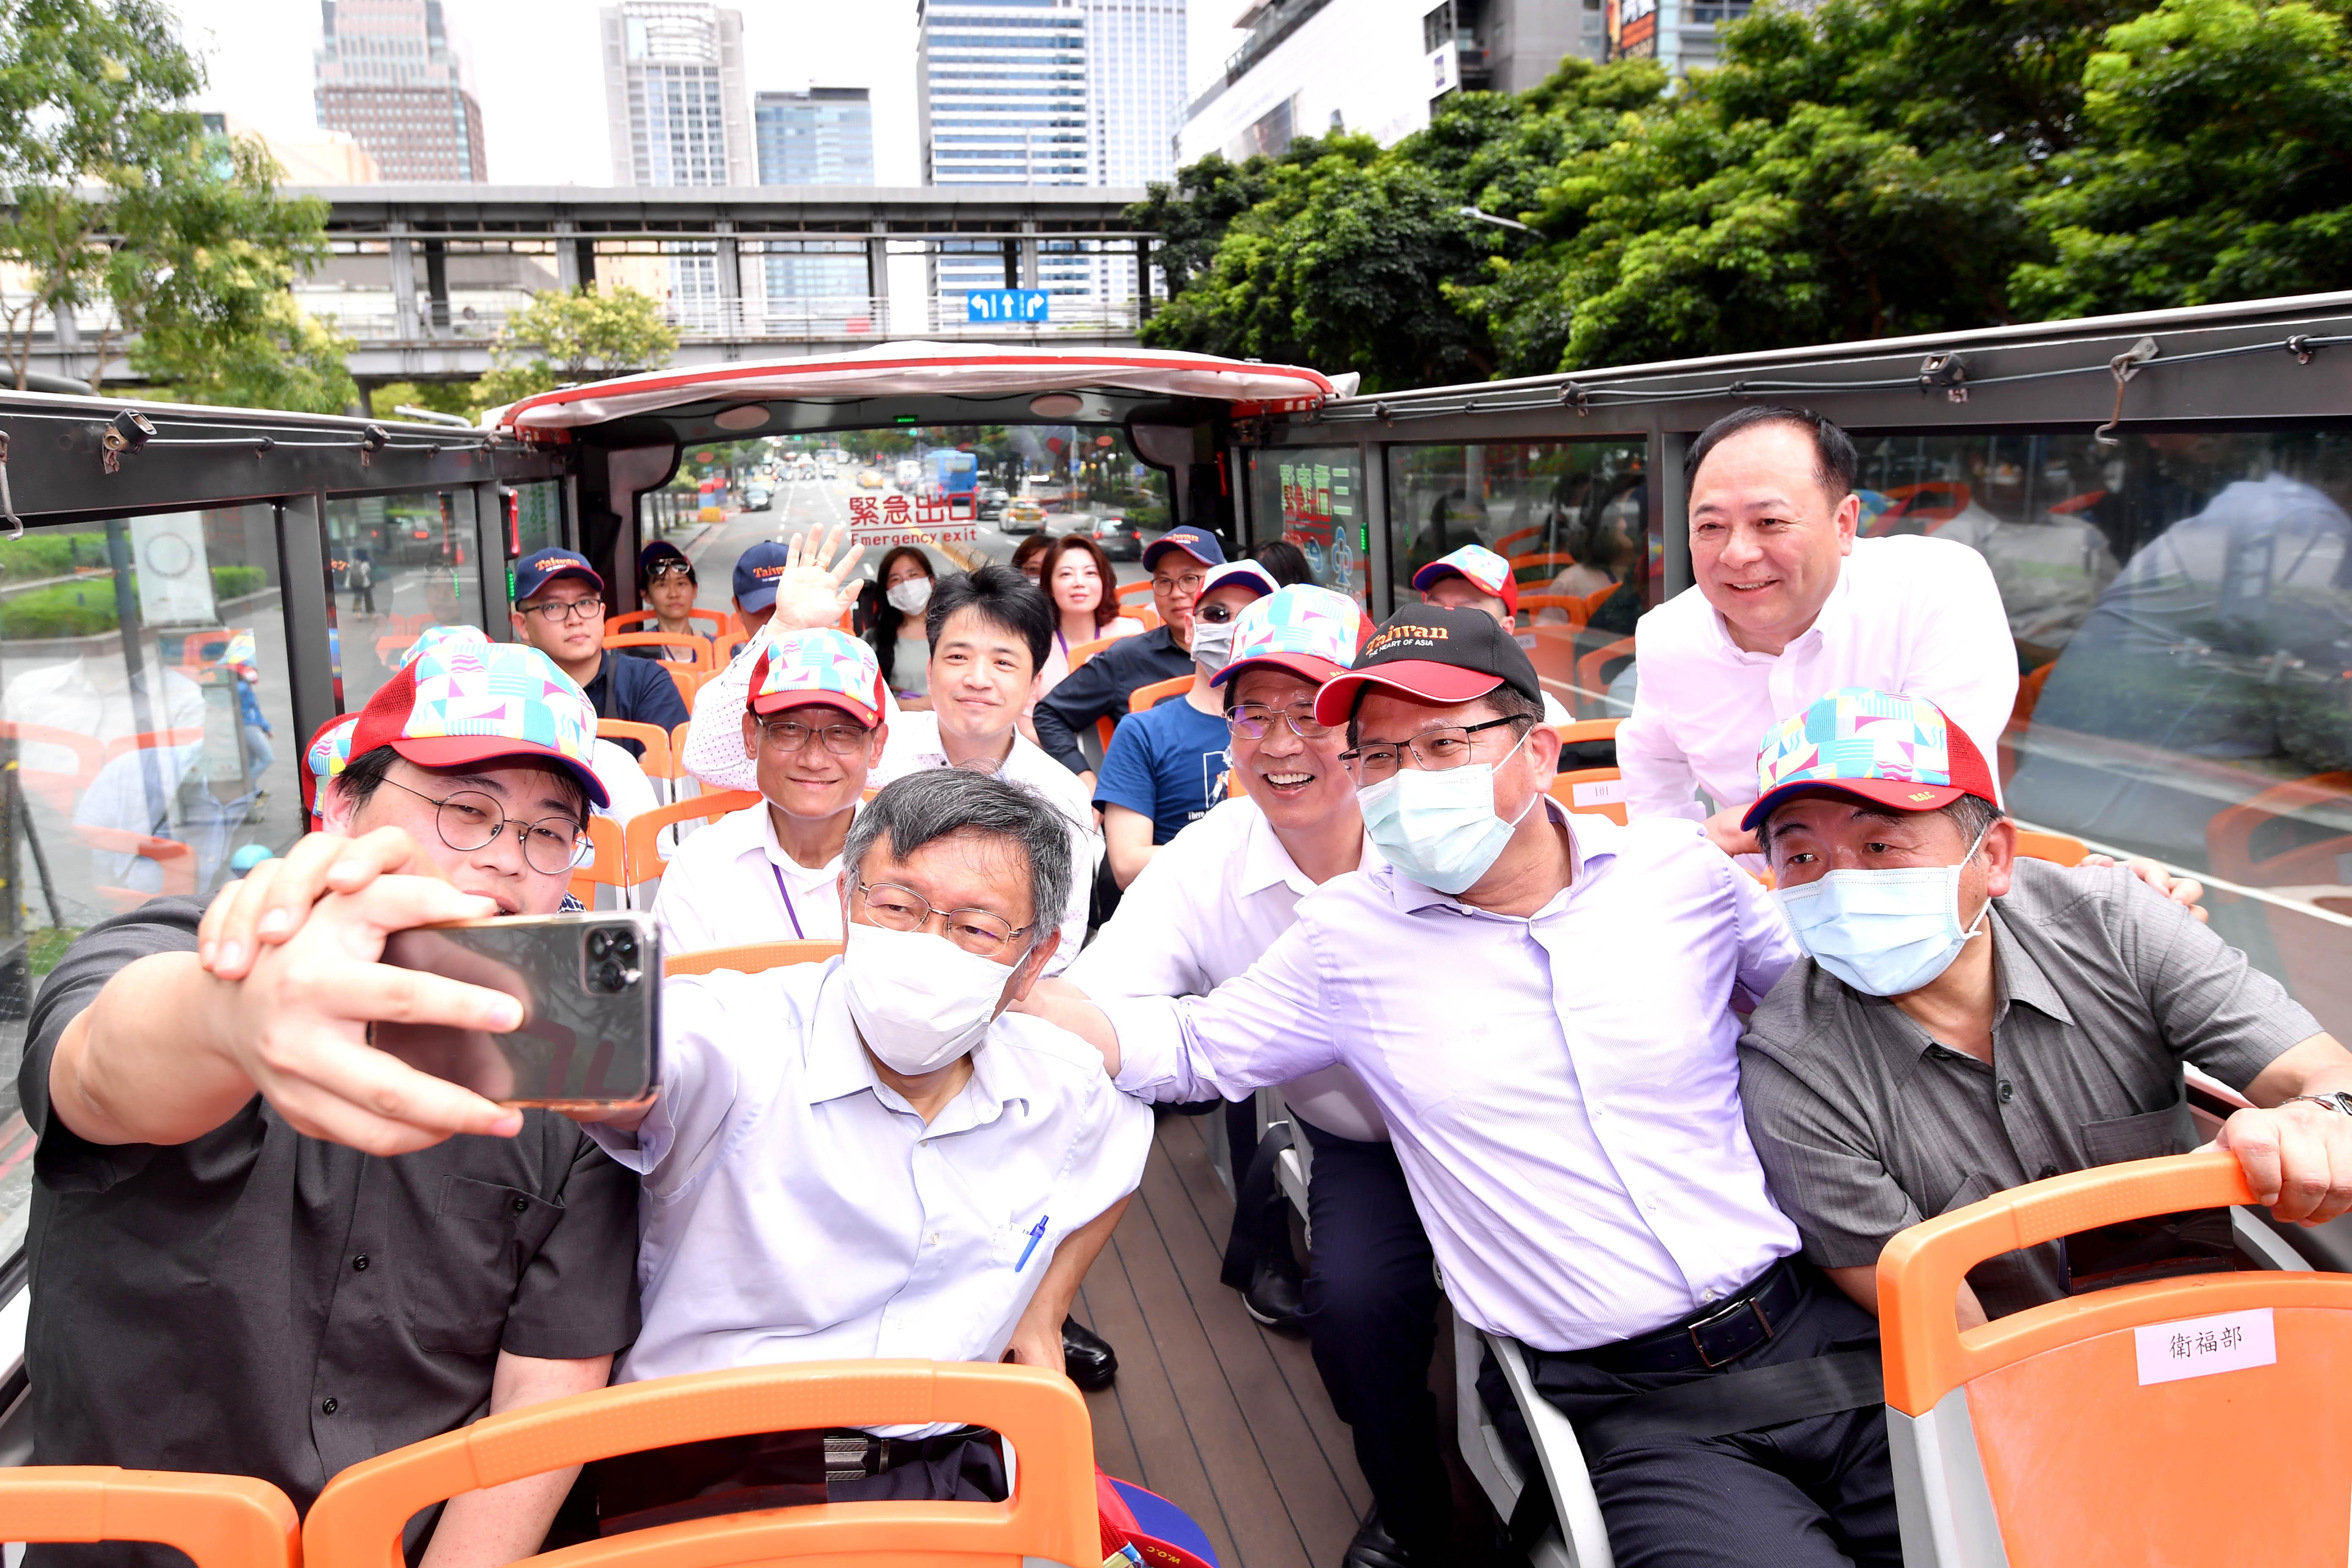 1090707_體驗臺北市雙層觀光巴士紅線觀光之旅